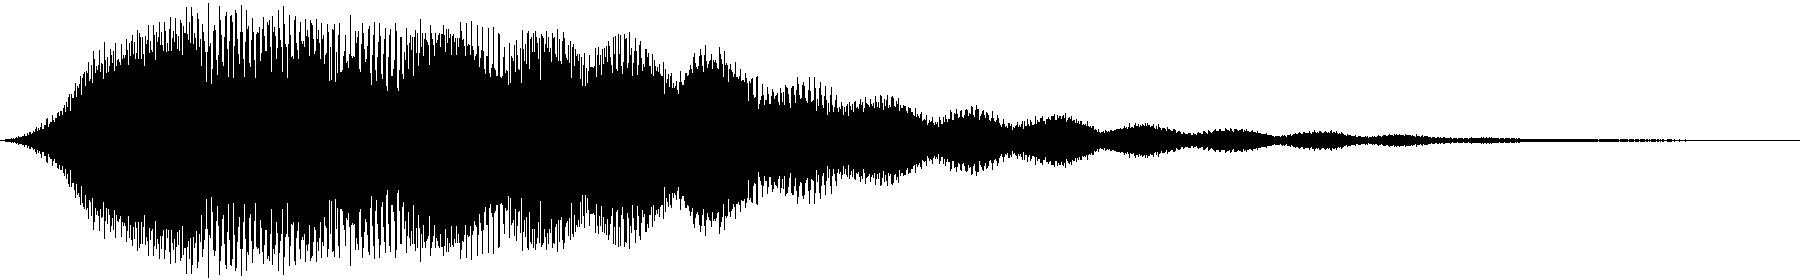 vfx1 atmos 43